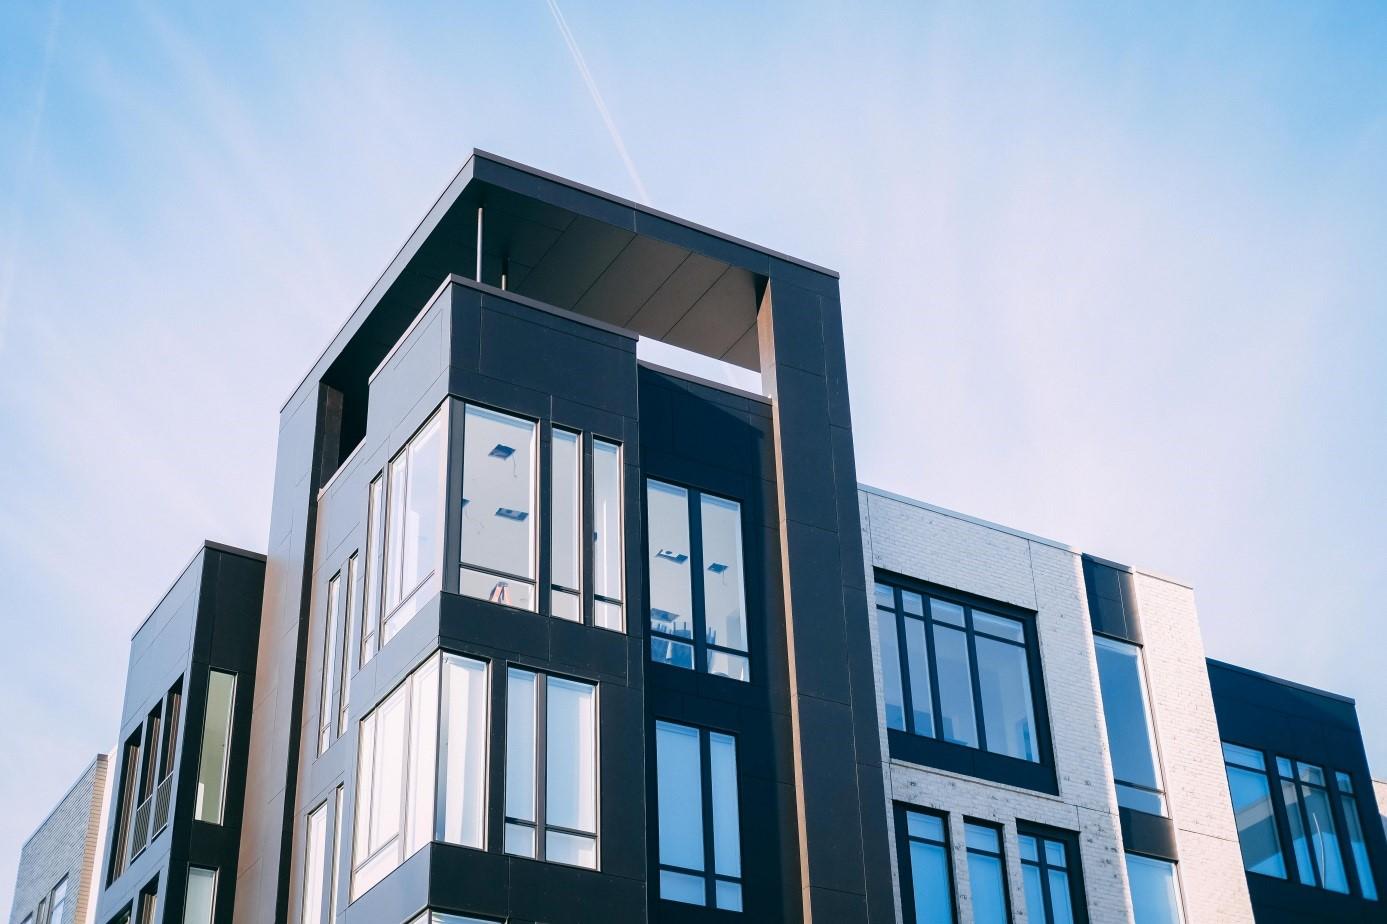 Apartament w centrum dużego miasta – dlaczego warto się do niego wprowadzić?